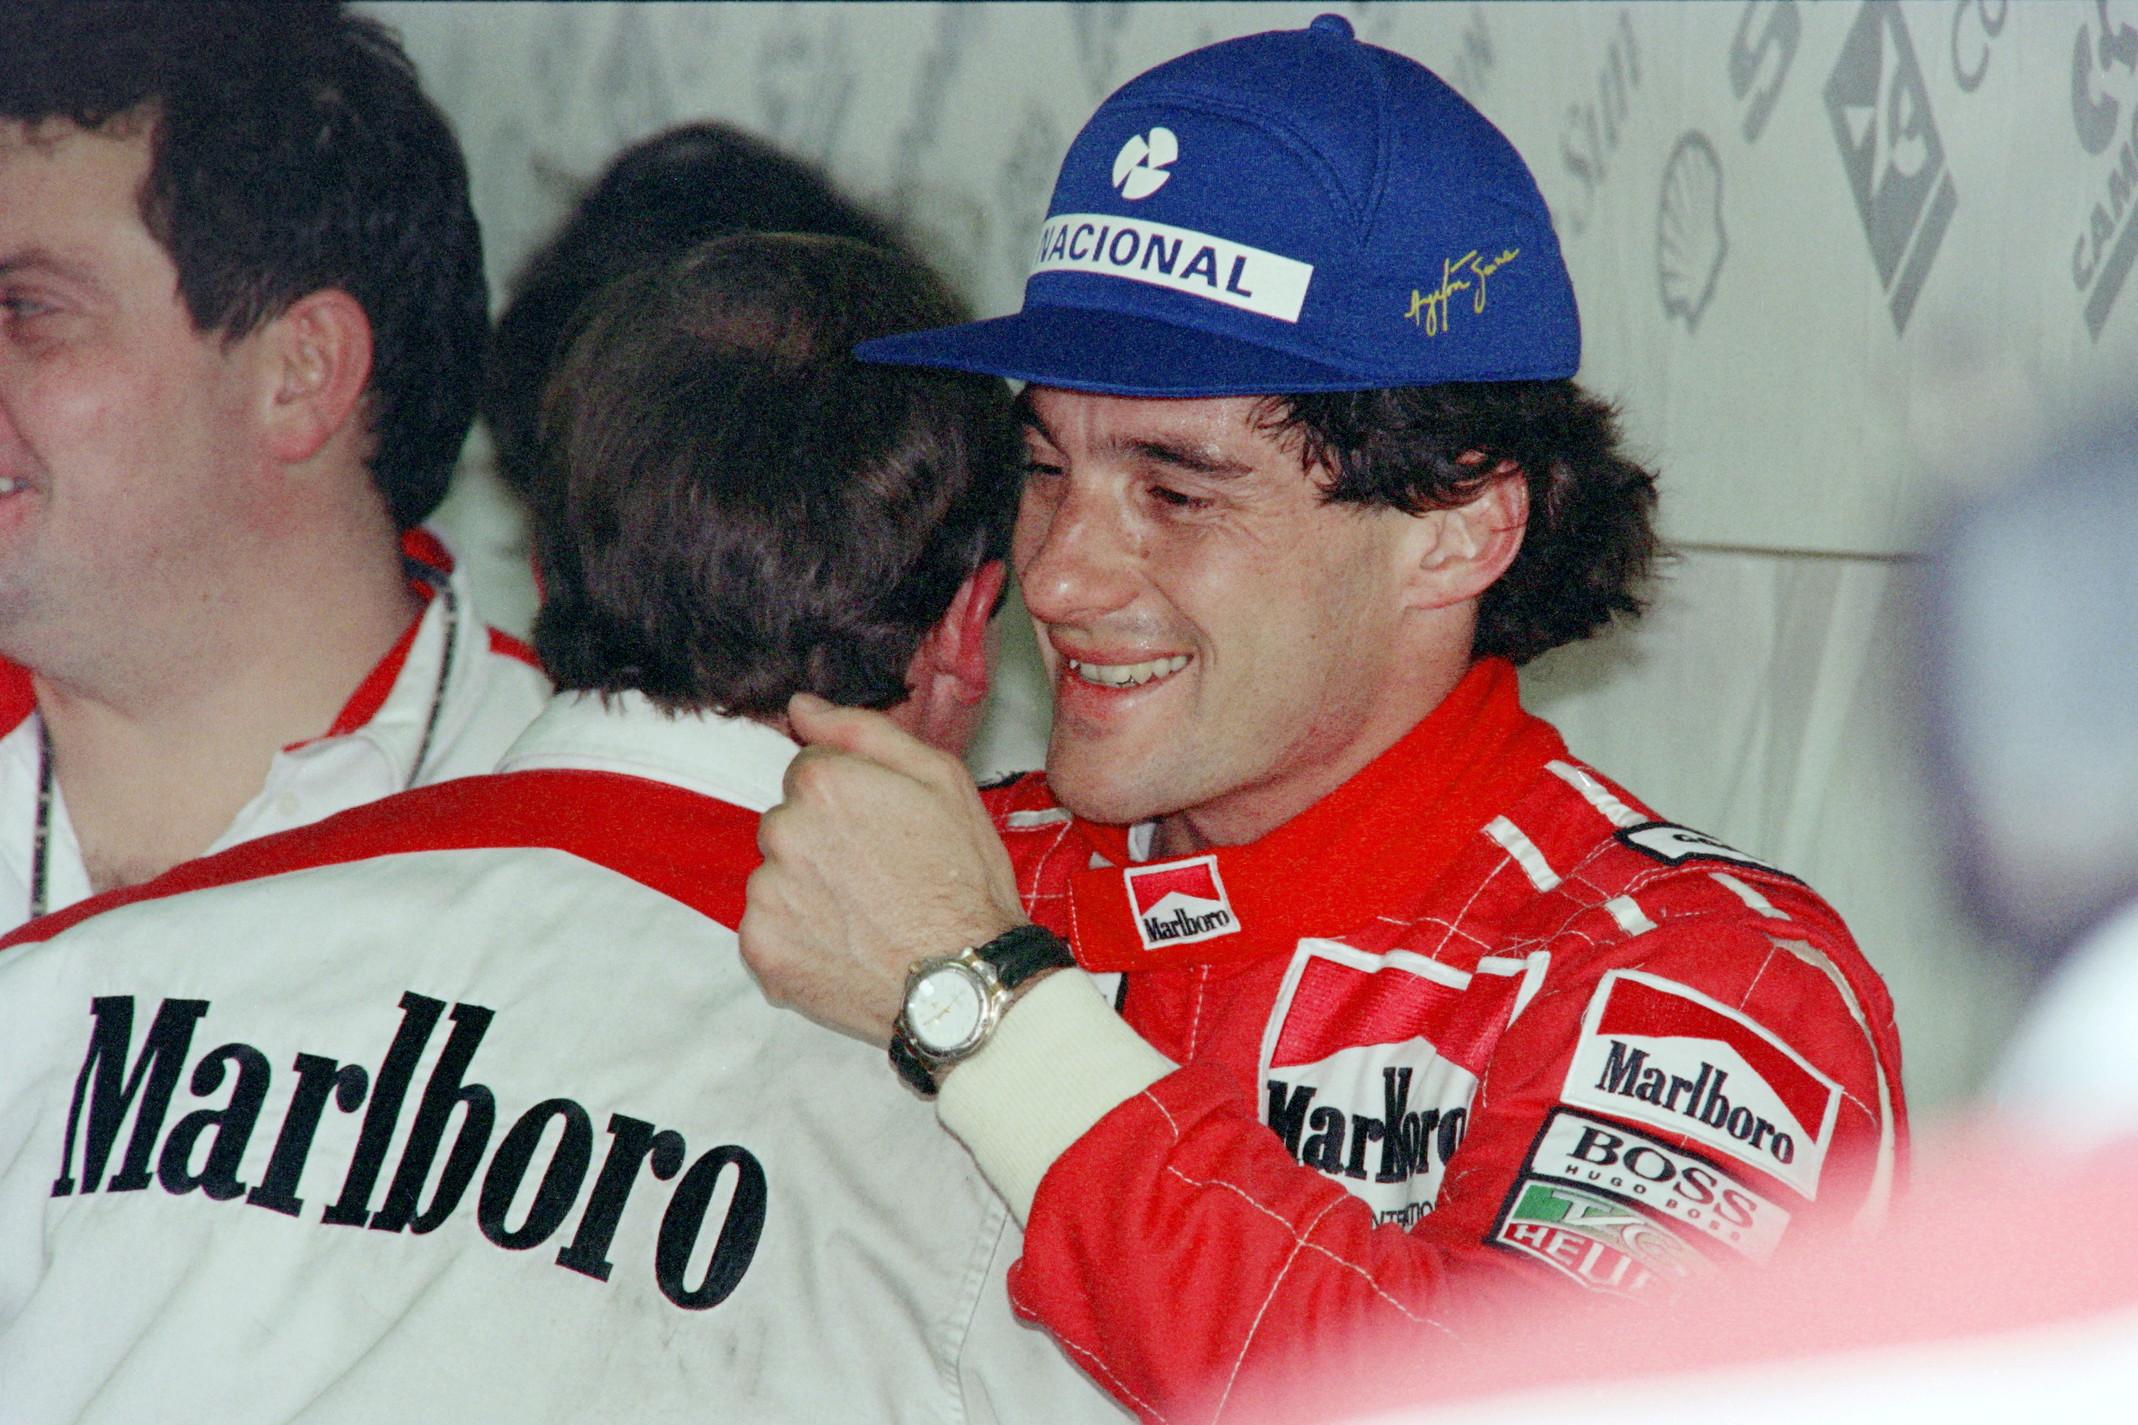 6 novembre 1993: Ayrton Senna ai box McLaren